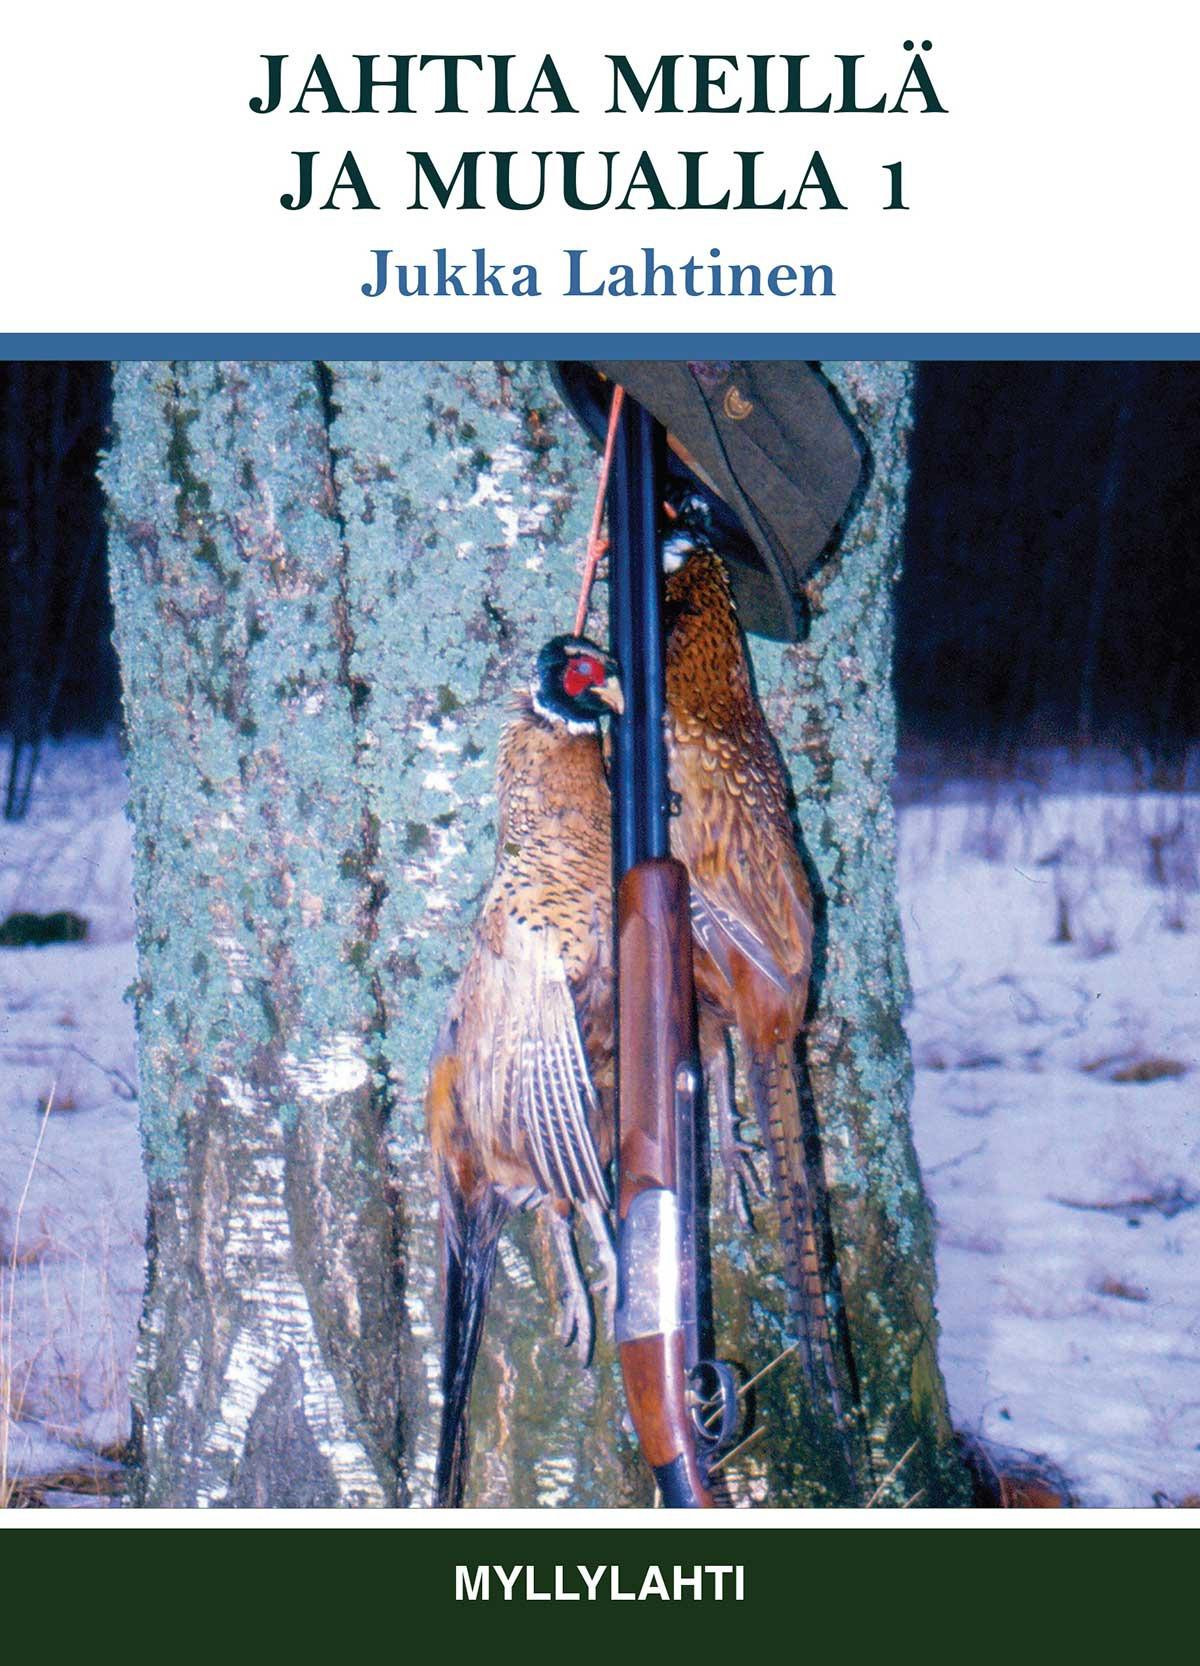 Lahtinen, Jukka - Jahtia meillä ja muualla 1, e-kirja